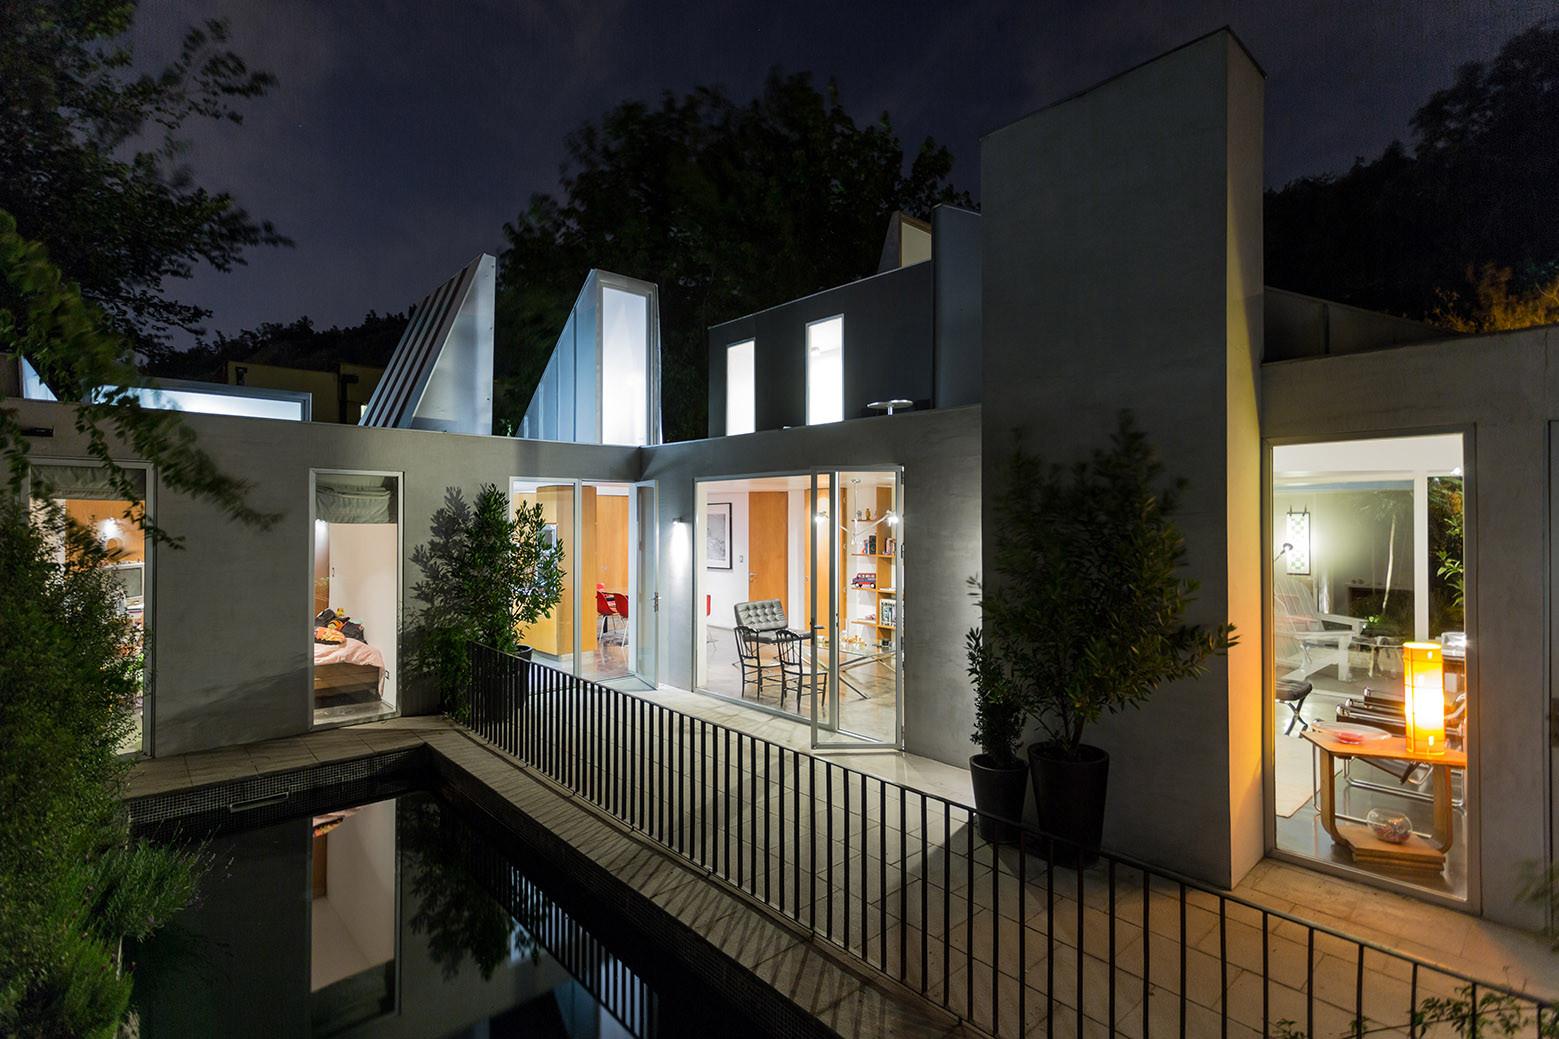 House 1957 / Brugnoli Asociados Arquitectos, © Juan Dúran Sierralta